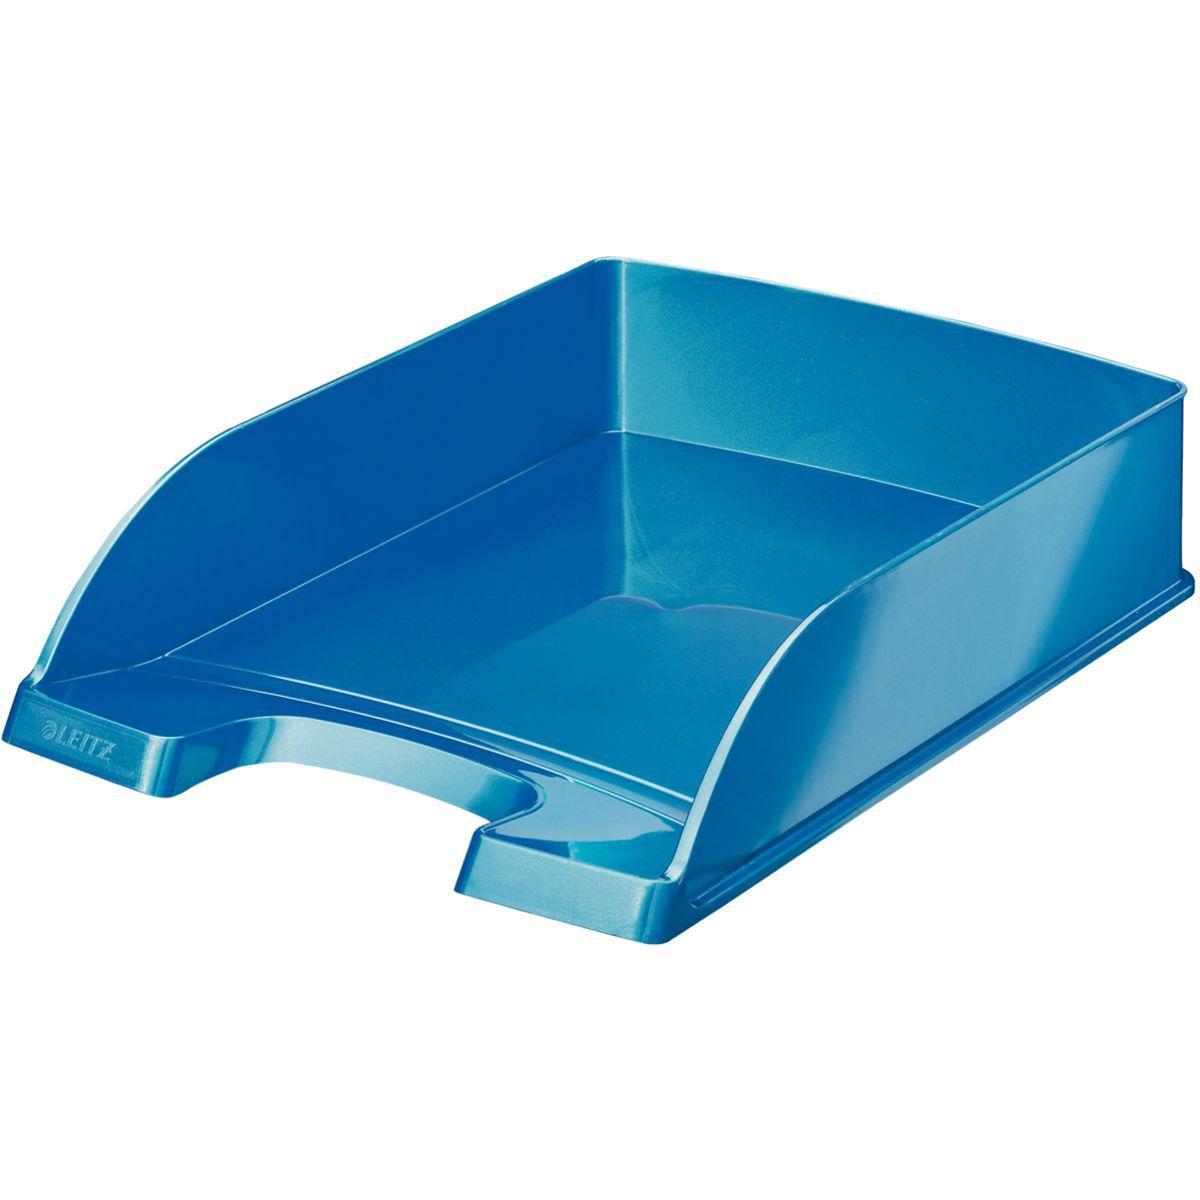 Bannette bureau leitz corbeille courrier a4 wow bleu - 2% de remise imm�diate avec le code : automne2 (photo)